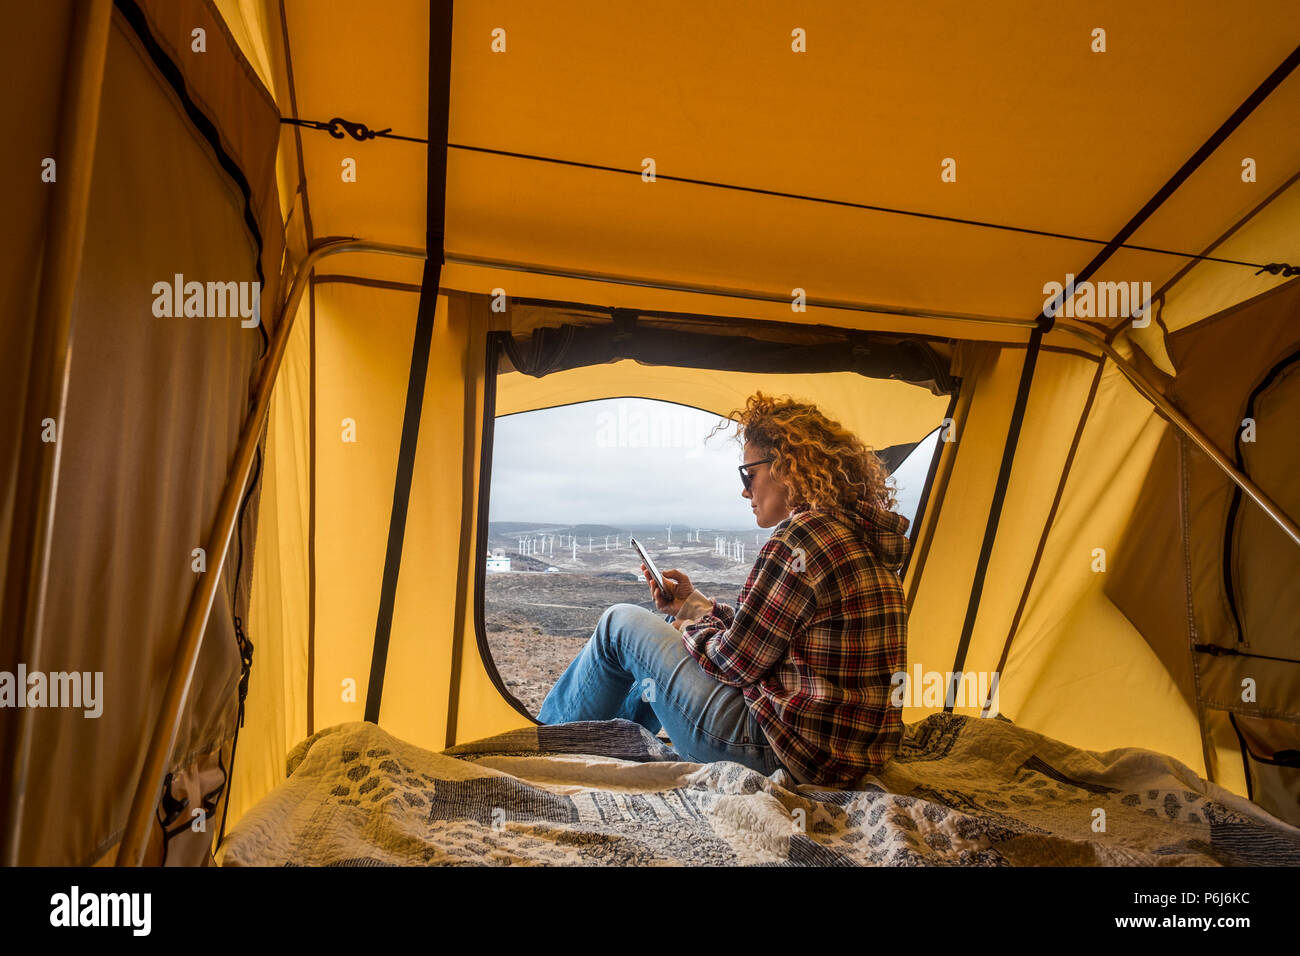 Bella donna caucasica controllare lo smartphone per contatti via internet e lavorare mentre sedersi al di fuori di una tenda con vista oceano. viaggi e concetto di lavoro w Immagini Stock